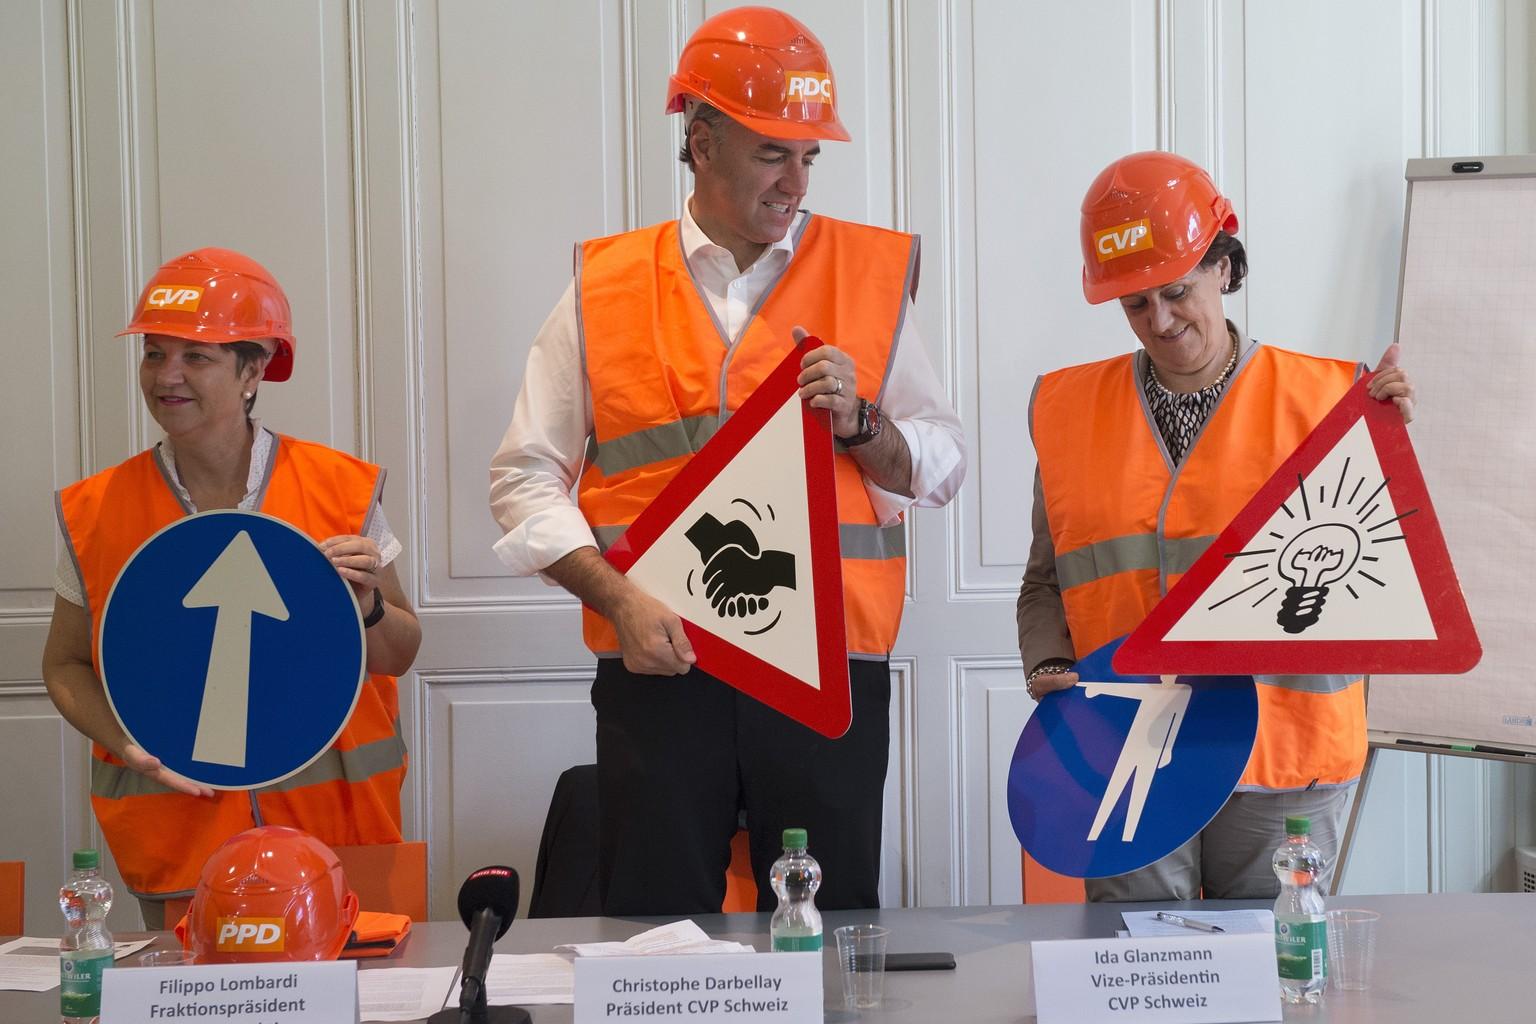 Baustelle Cvp Auf Den Neuen Prasidenten Wartet Viel Arbeit Watson